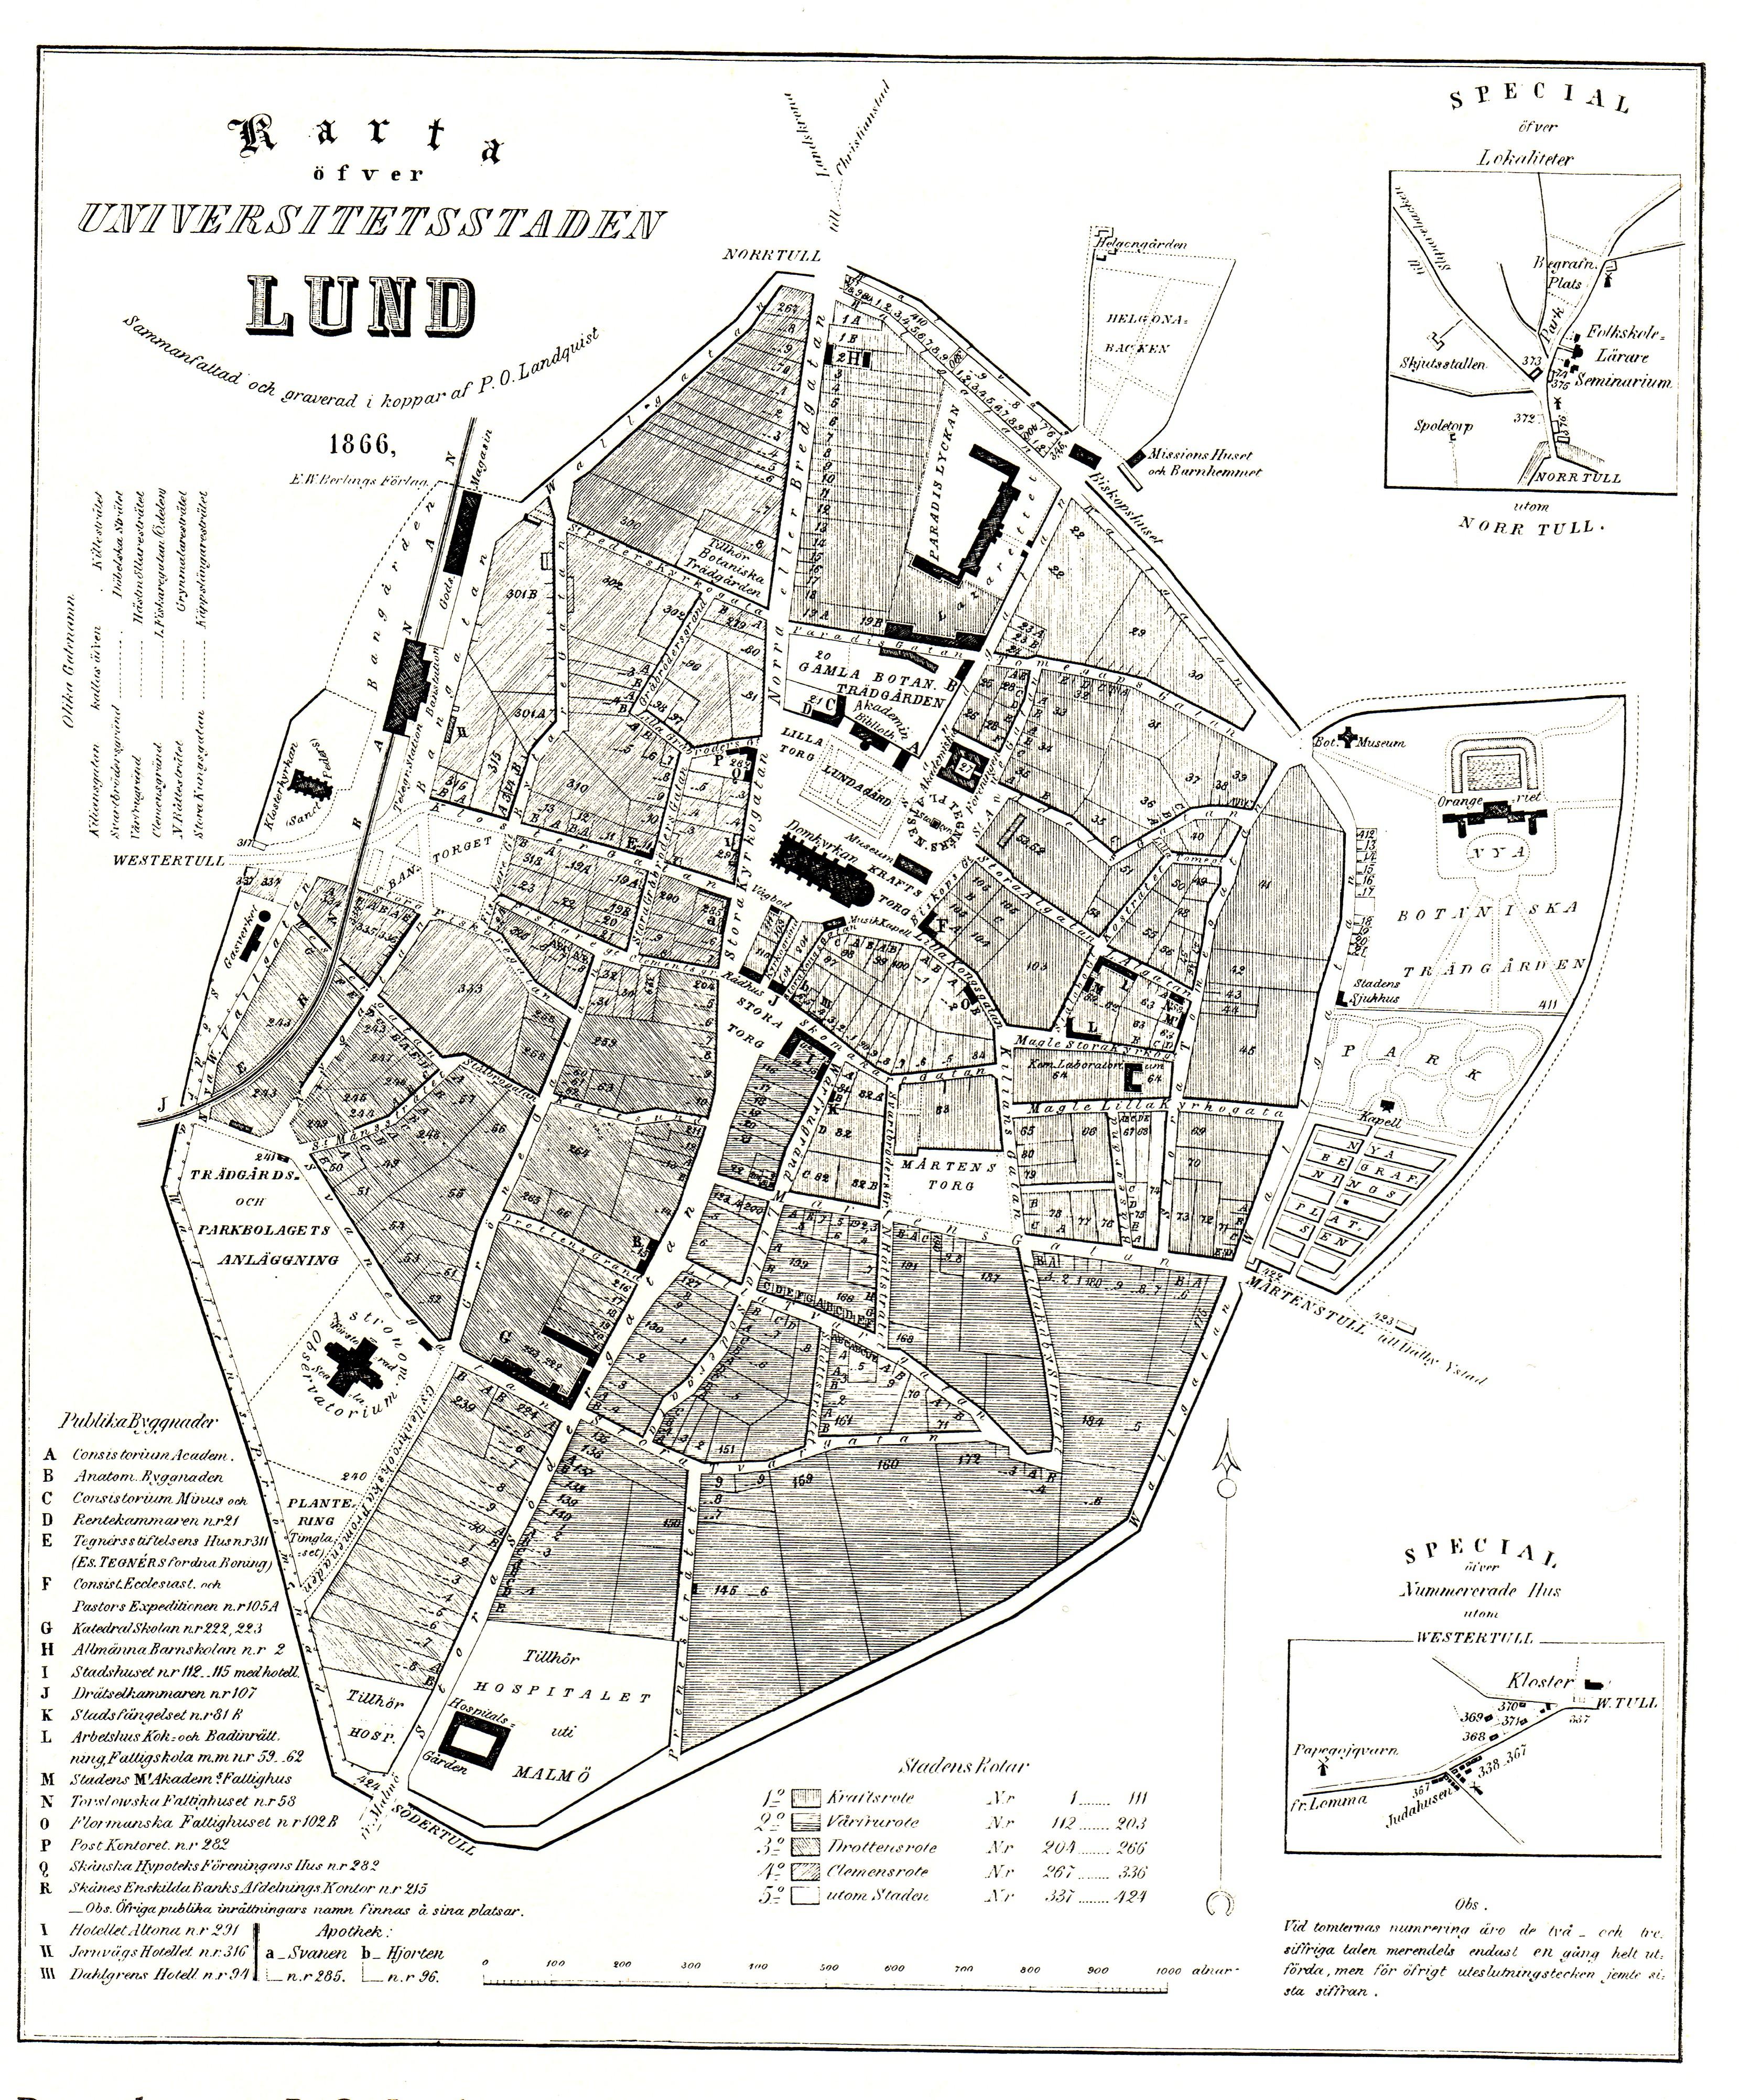 karta lund Fasciculus:Karta öfver universitetsstaden Lund 1866.   Vicipaedia karta lund